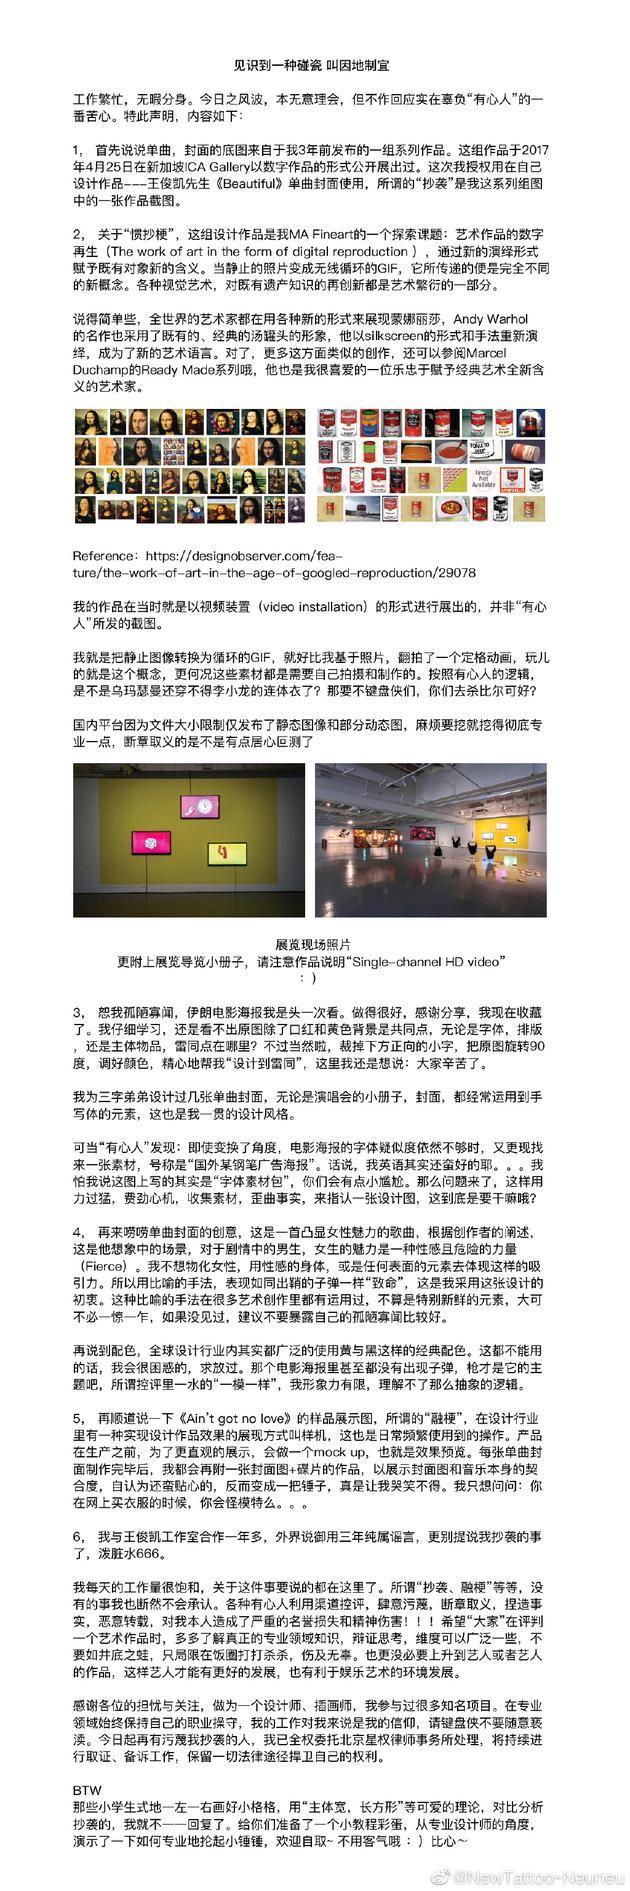 王俊凯单曲封面设计师否认抄袭 辟谣